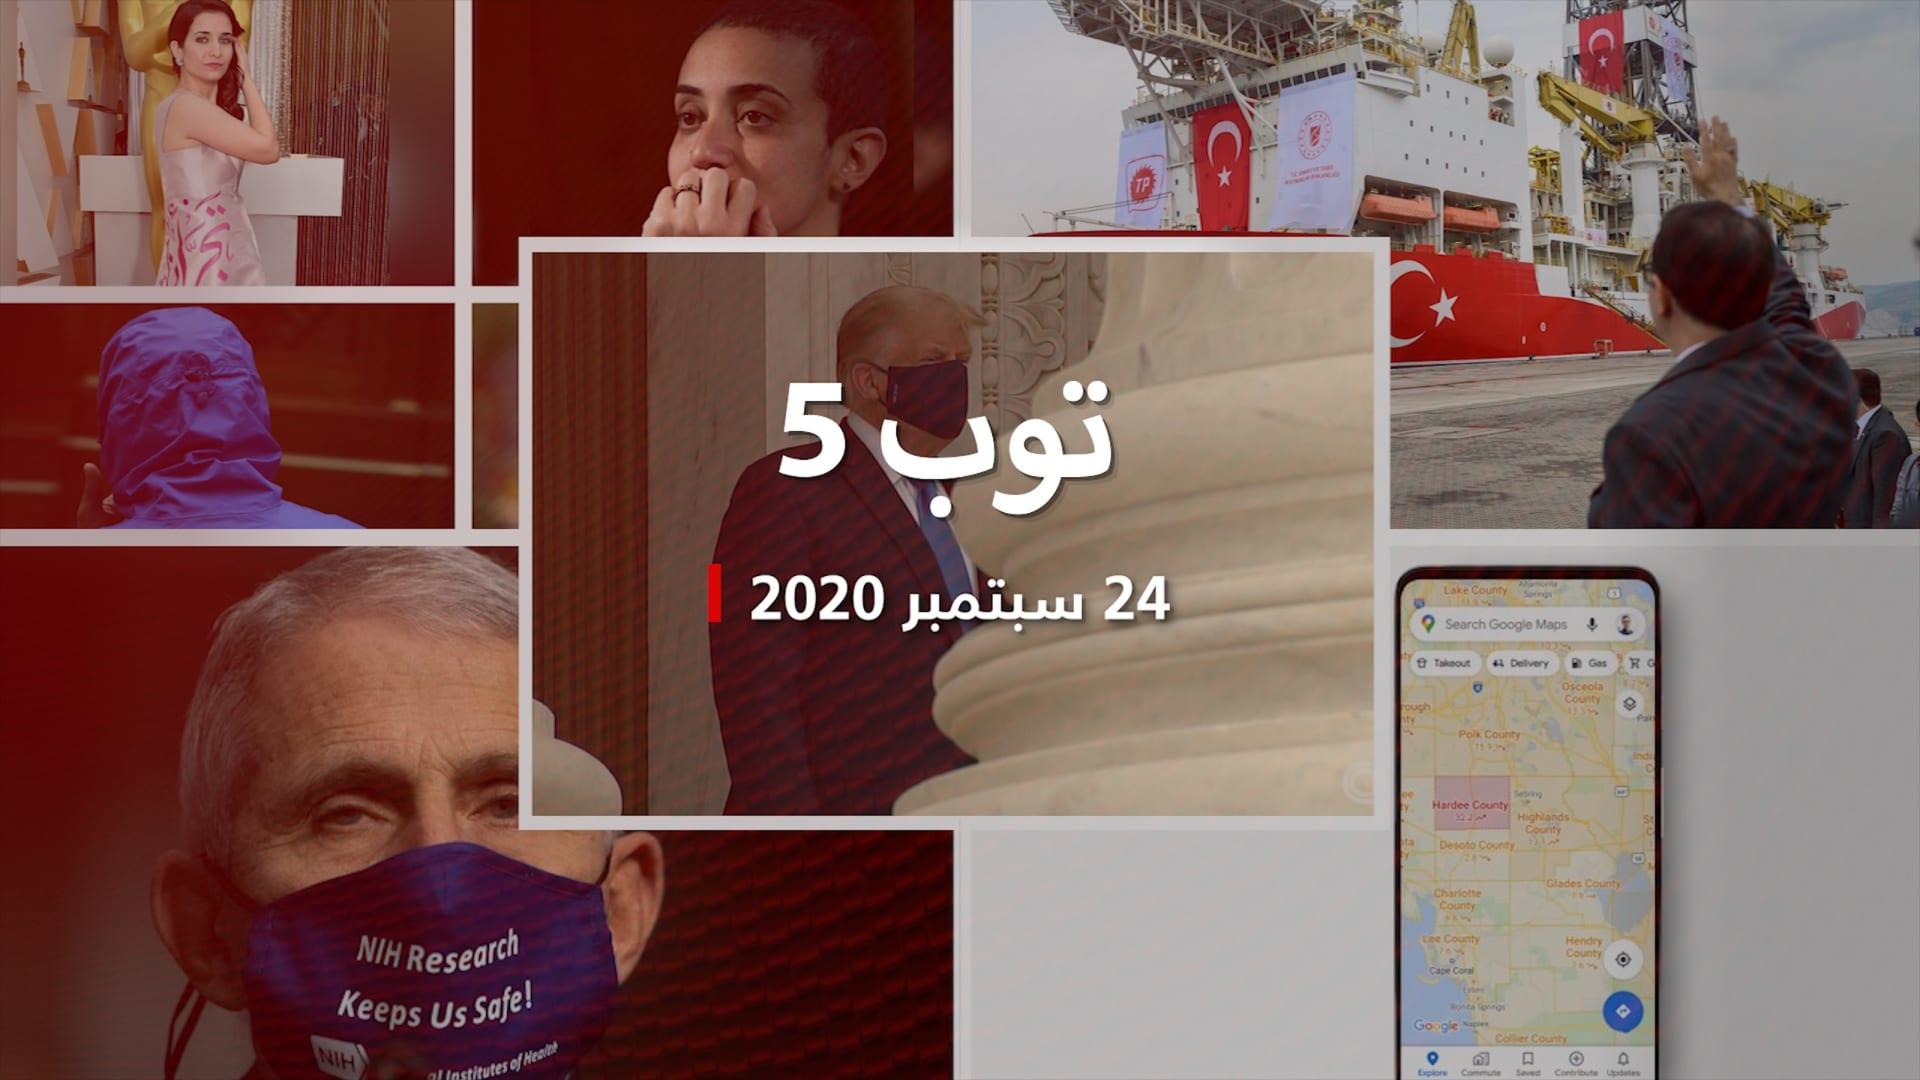 توب 5: هتافات تطارد ترامب في وداع جينسبرغ.. وتركيا مُستعدة للحوار مع مصر